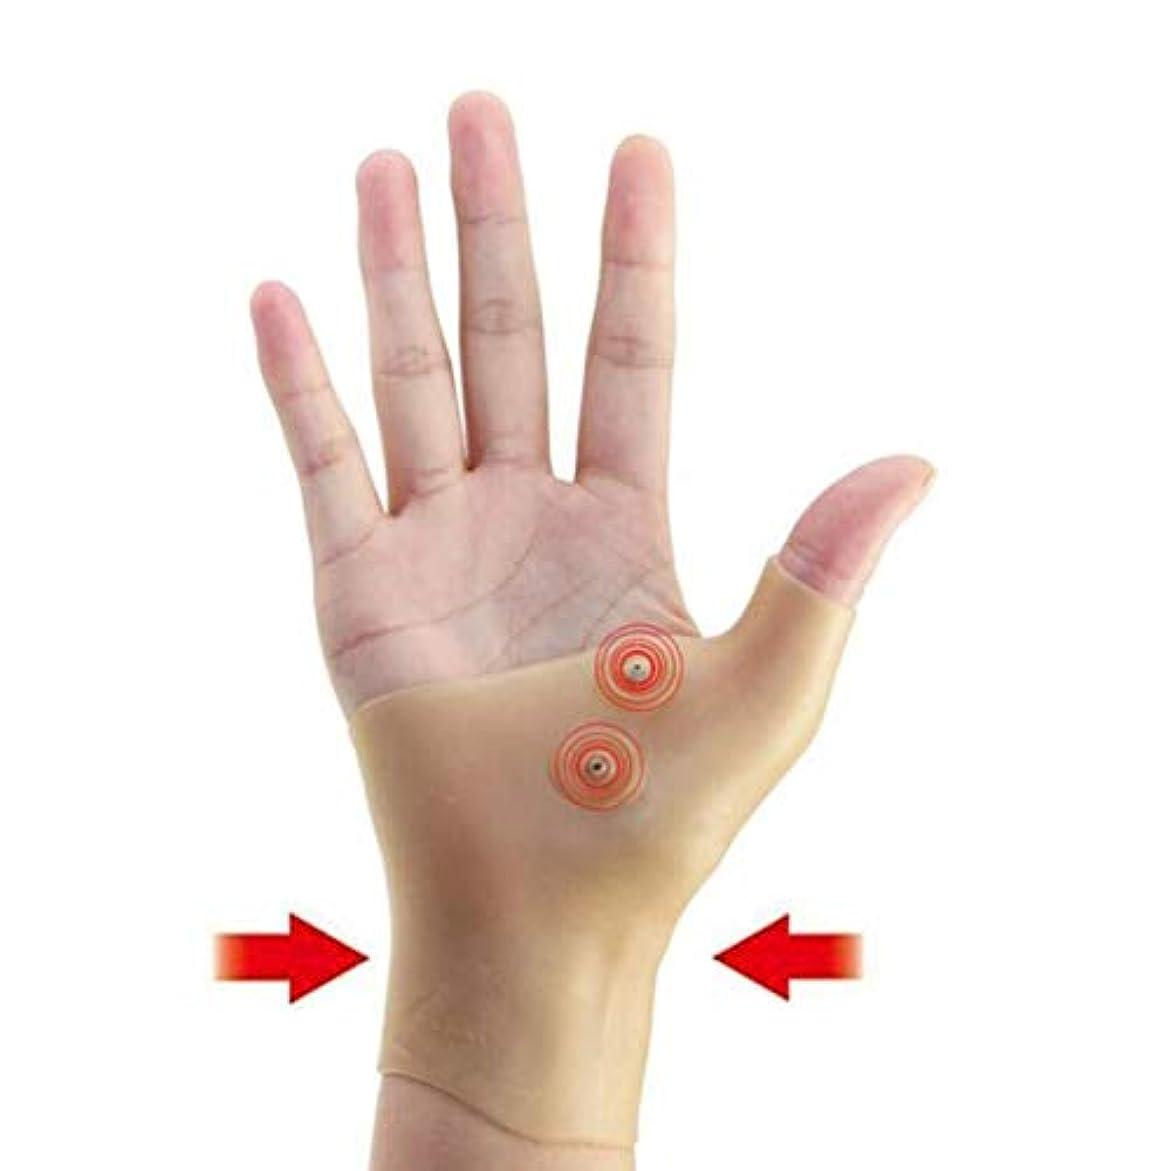 野望勤勉実際に磁気療法手首手親指サポート手袋シリコーンゲル関節炎圧力矯正器マッサージ痛み緩和手袋 - 肌の色